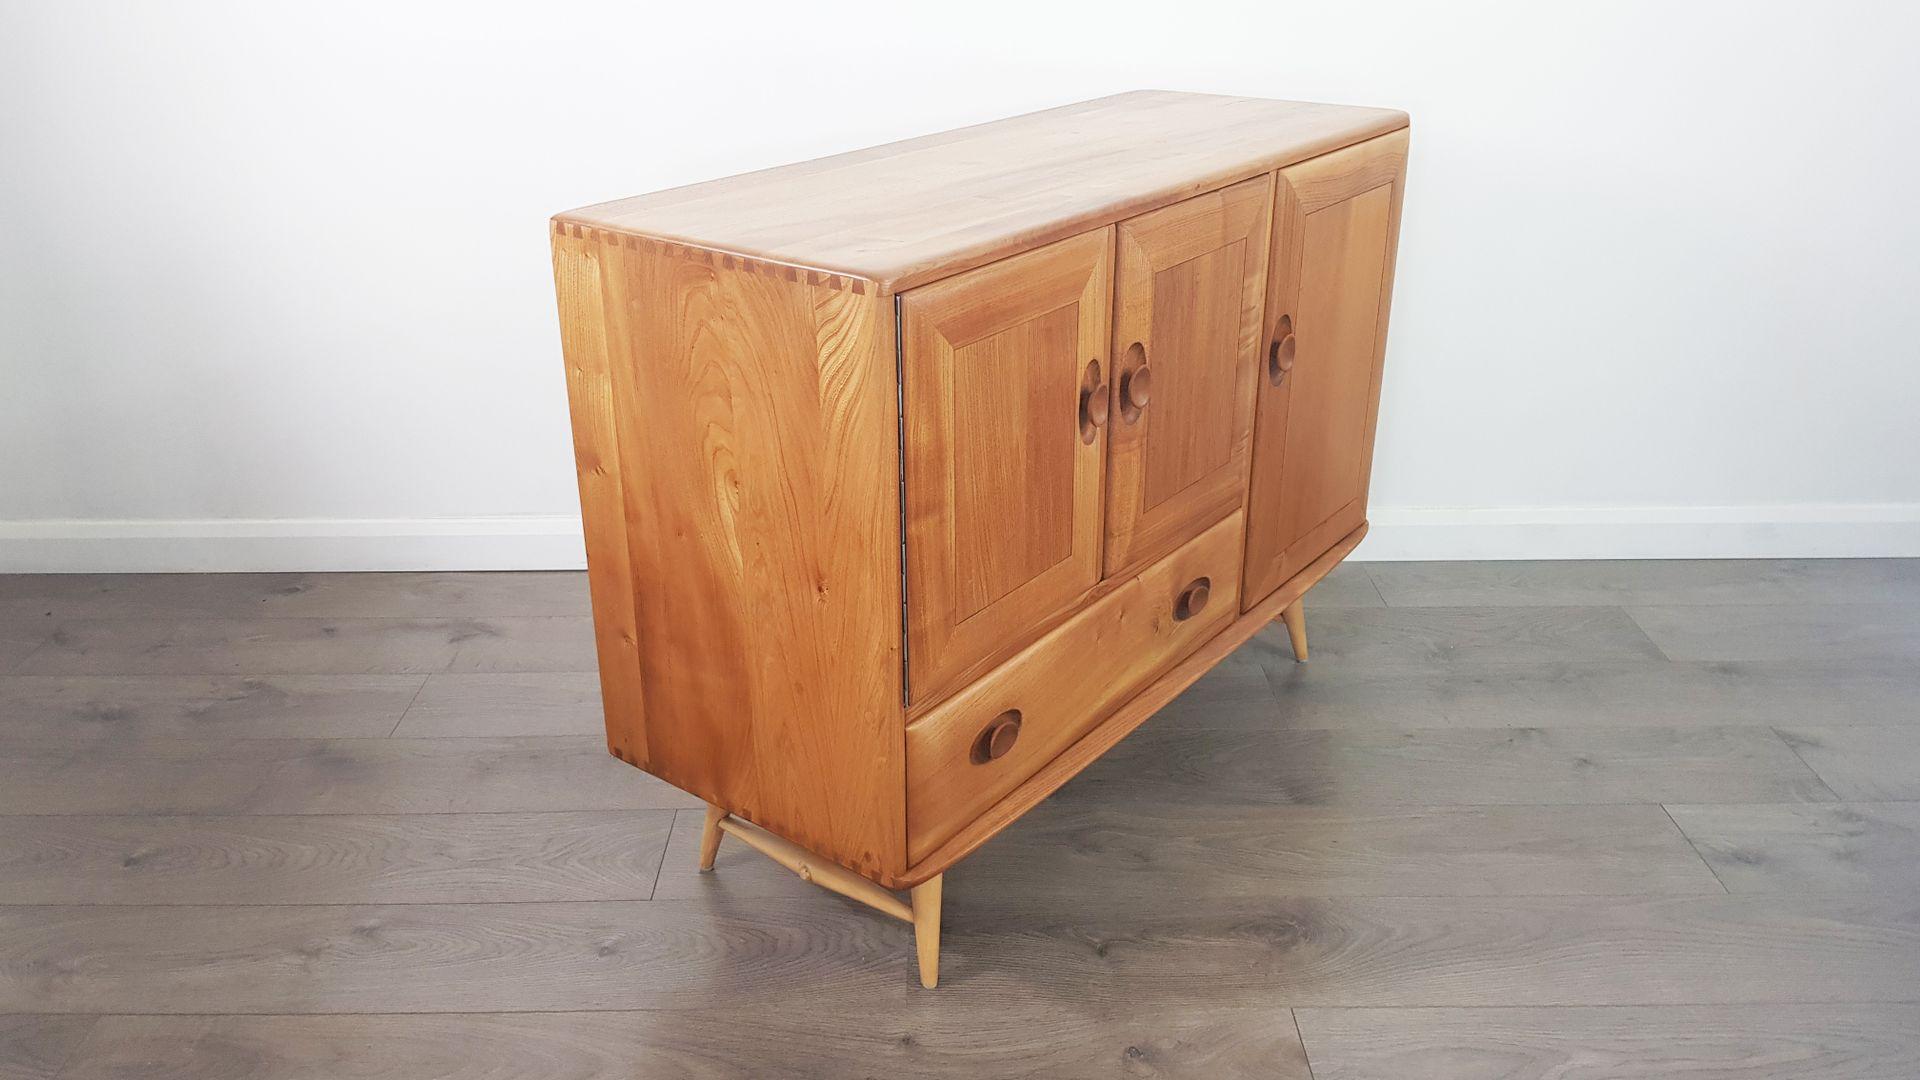 ulmenholz sideboard mit f en aus buche von lucian ercolani f r ercol 1960er bei pamono kaufen. Black Bedroom Furniture Sets. Home Design Ideas